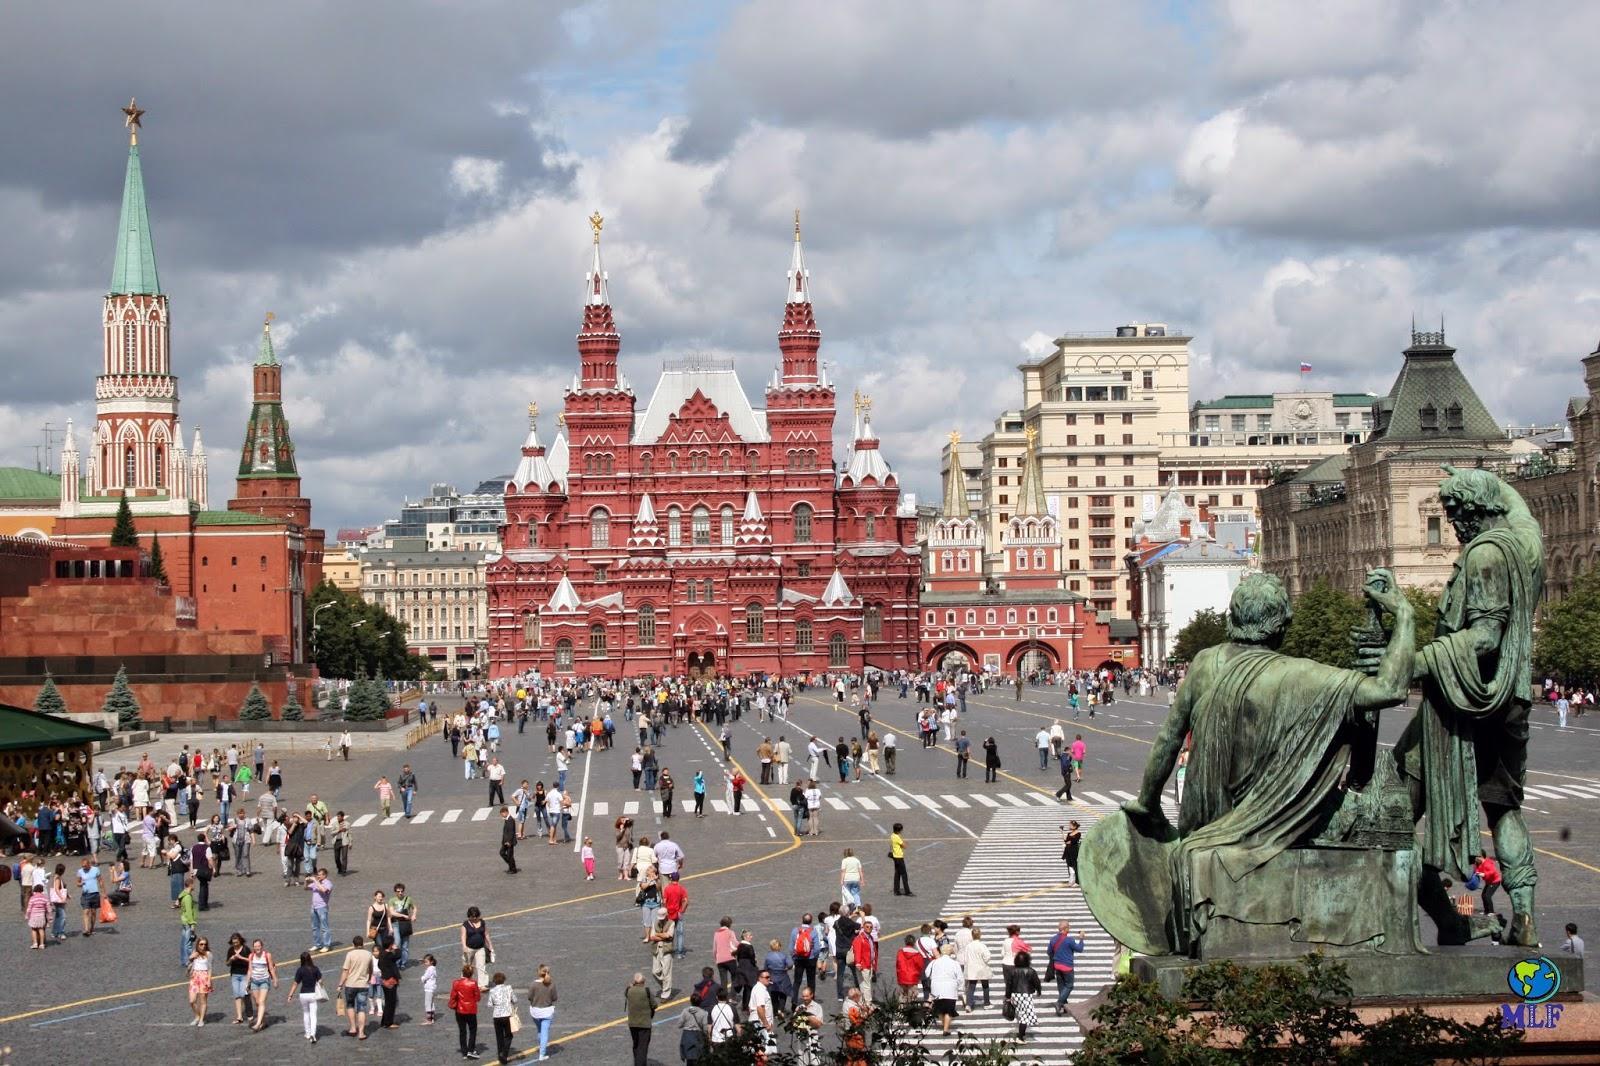 Con el gran Kremlin a un lado, la catedral de San Basilio enfrente, y los almacenes GUM, el mausoleo de Lenin y el Museo de Historia cerrando el recinto, esta gran plaza rusa tiene una plasticidad incomparable, además de ser un compendio de la historia del país de los últimos diez siglos. La denominación «roja» procede de la palabra rusa Krásnaya (rojo) que significa bonita. Sus medidas son impactantes: 330 metros de largo y 70 m de ancho.